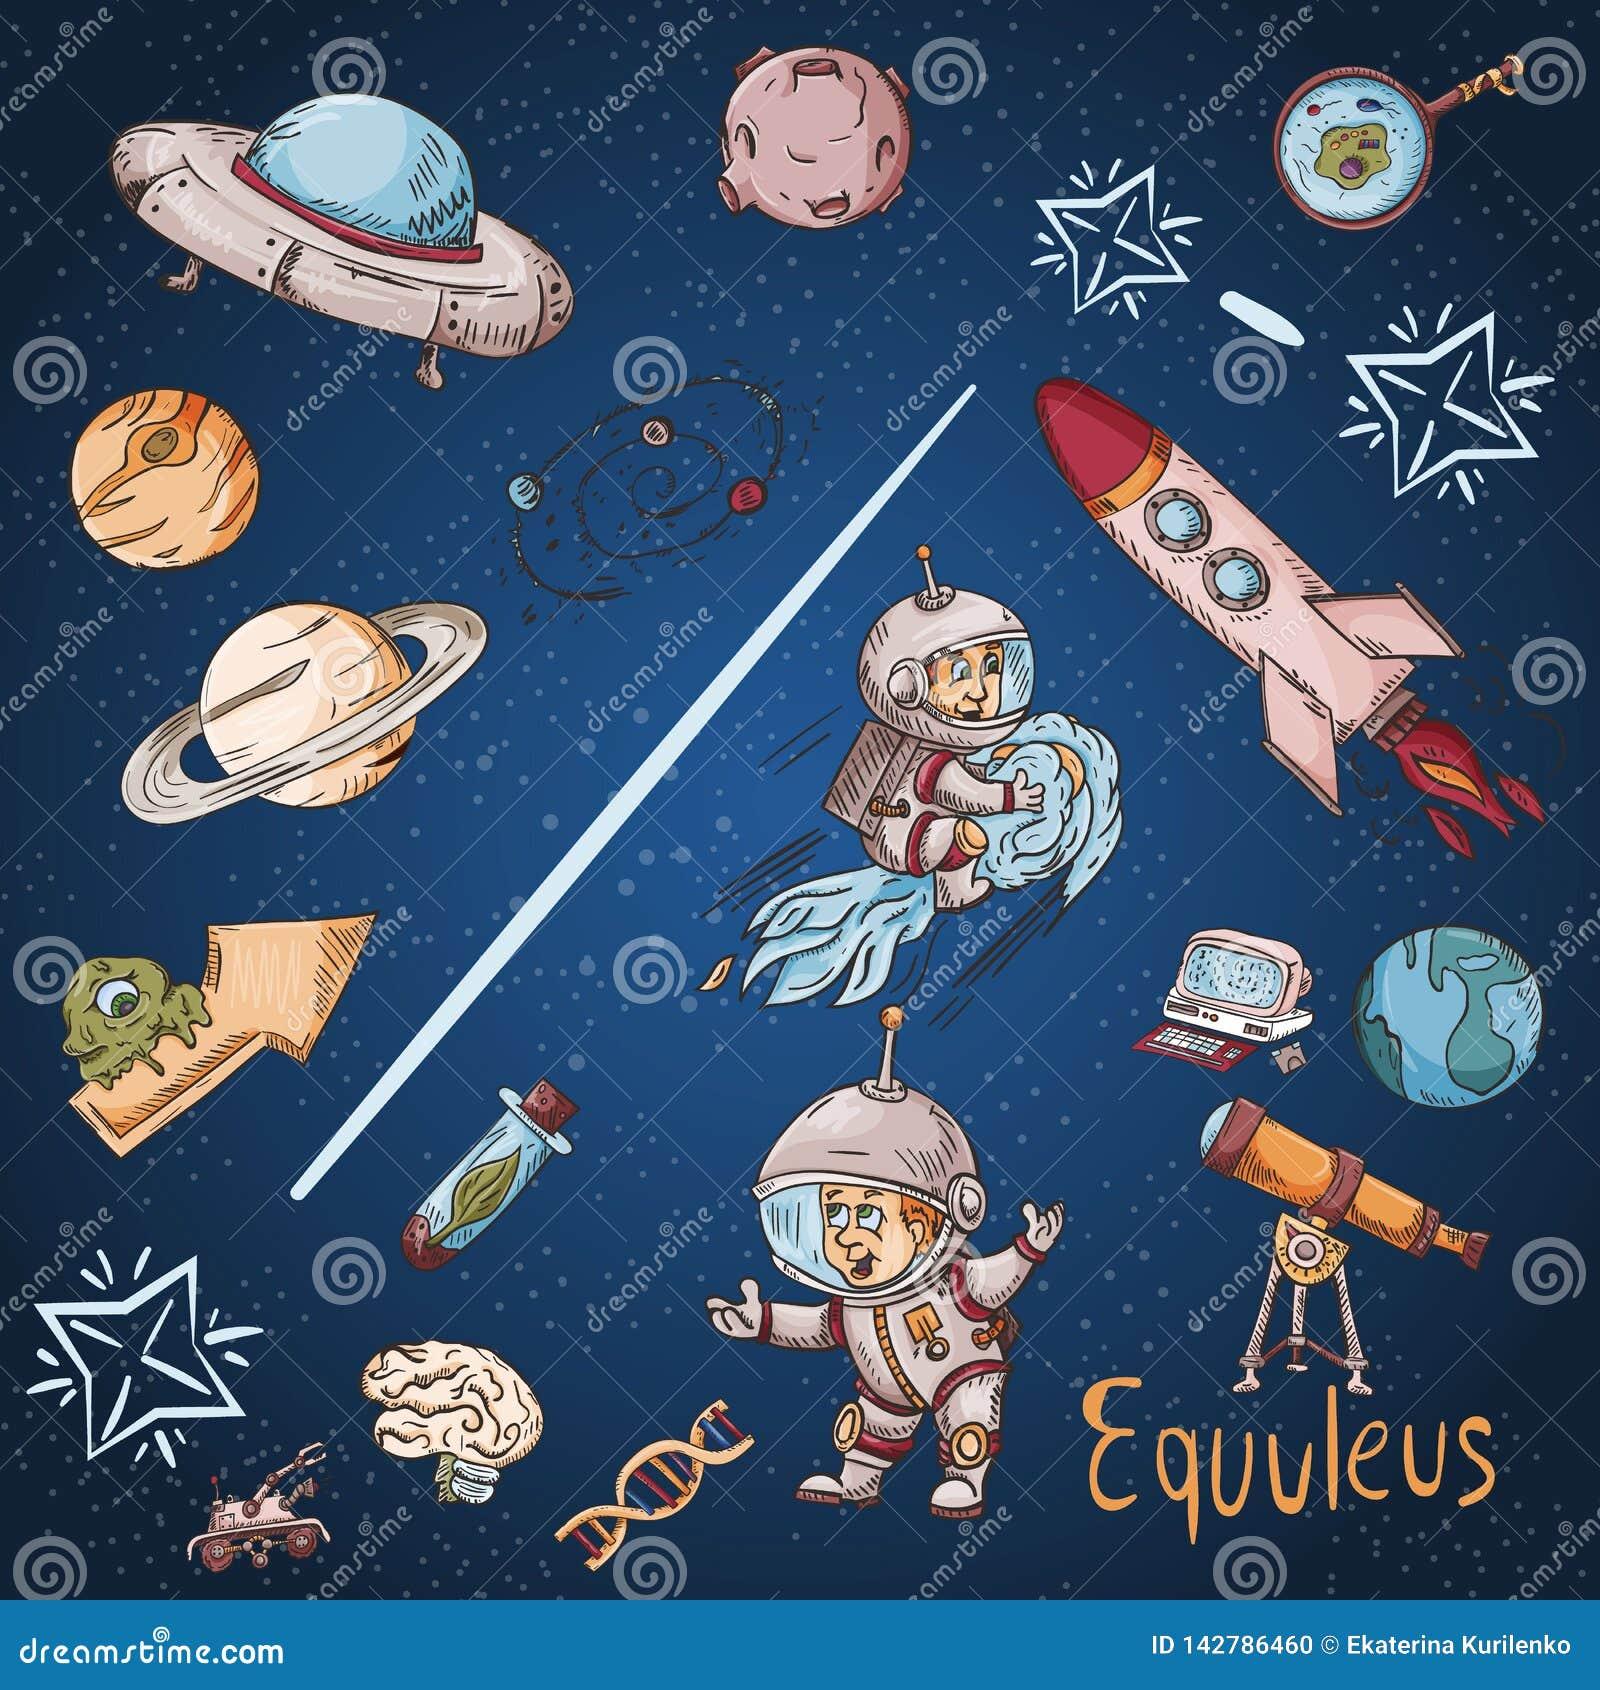 Constelación del espacio con los ejemplos de color de name_18_and en un tema científico y fantástico